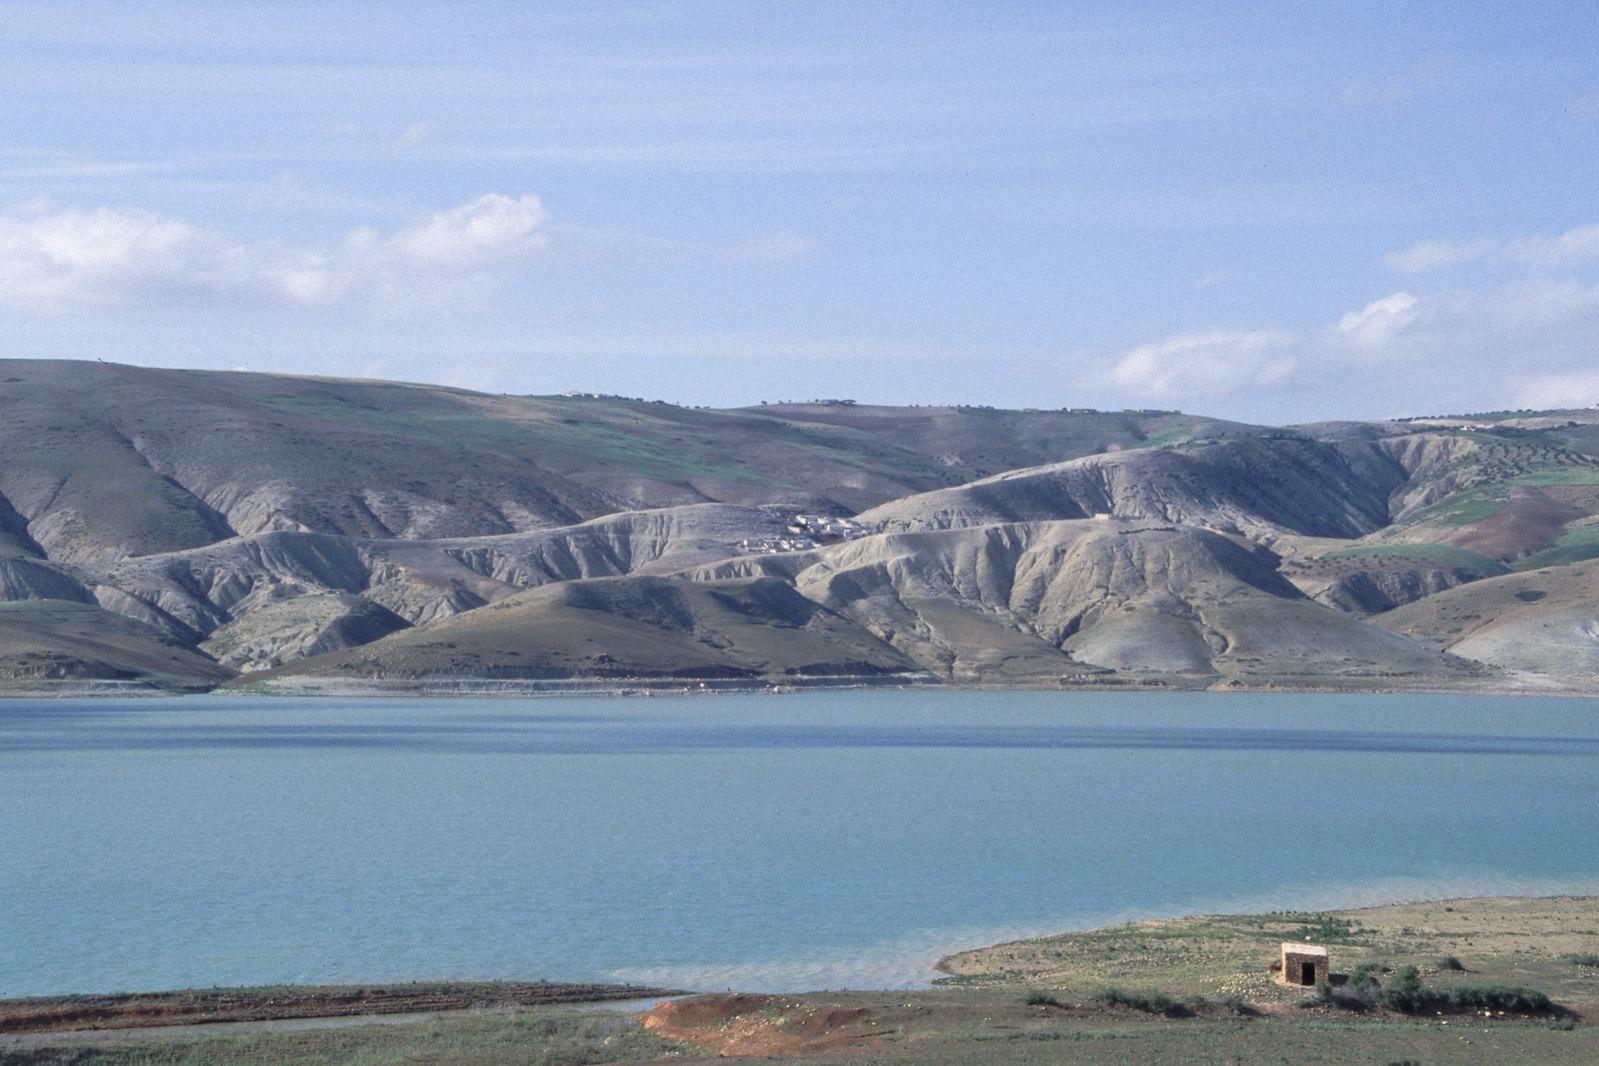 Maroc oriental - Paysage du moyen Atlas, autour de Taza